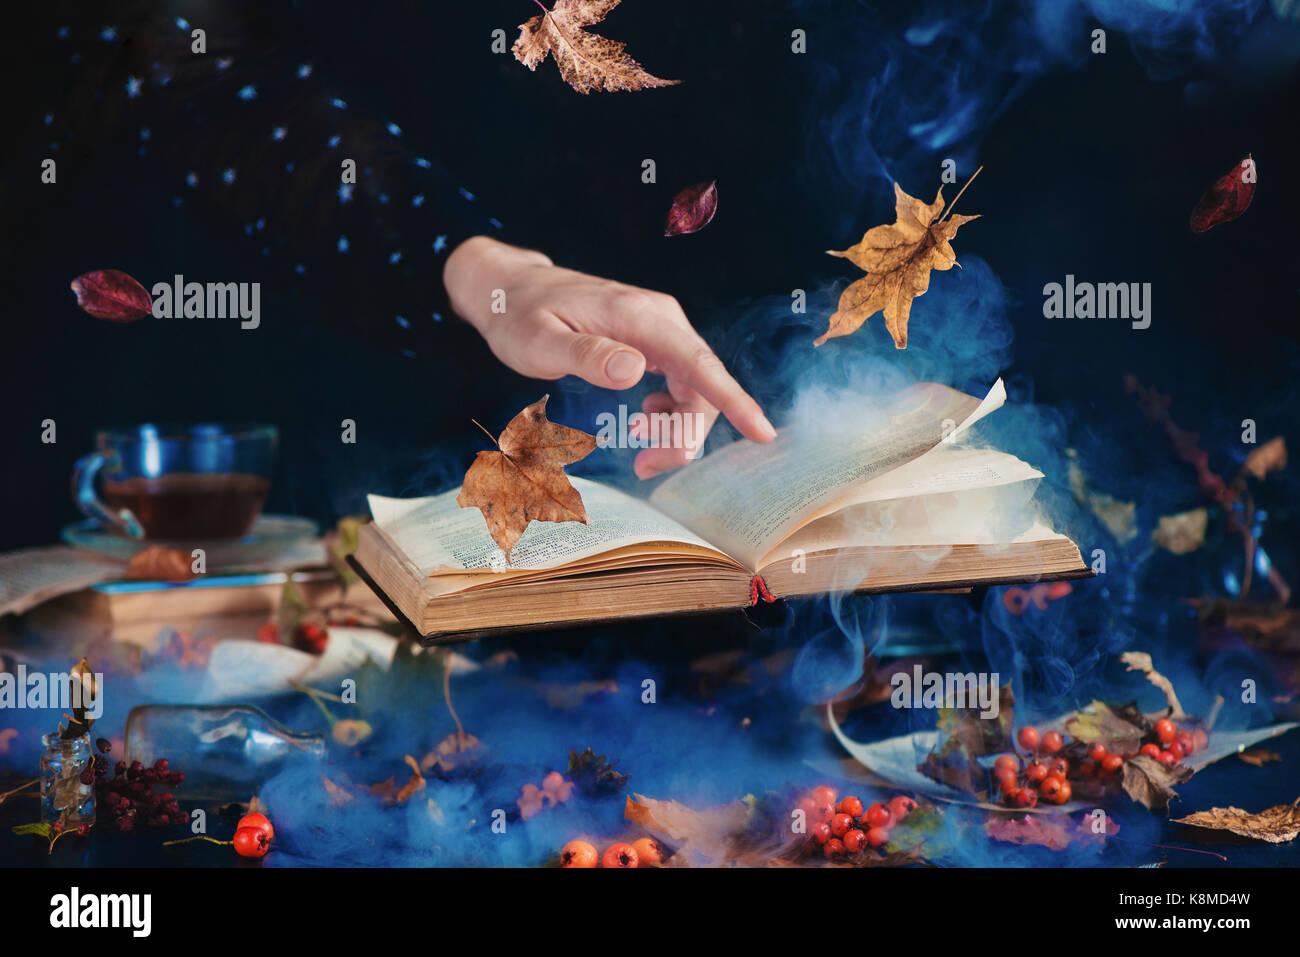 Bodegón con levitar libro de hechizos, hojas de otoño, bayas rojas, frascos y botellas sobre un fondo Imagen De Stock